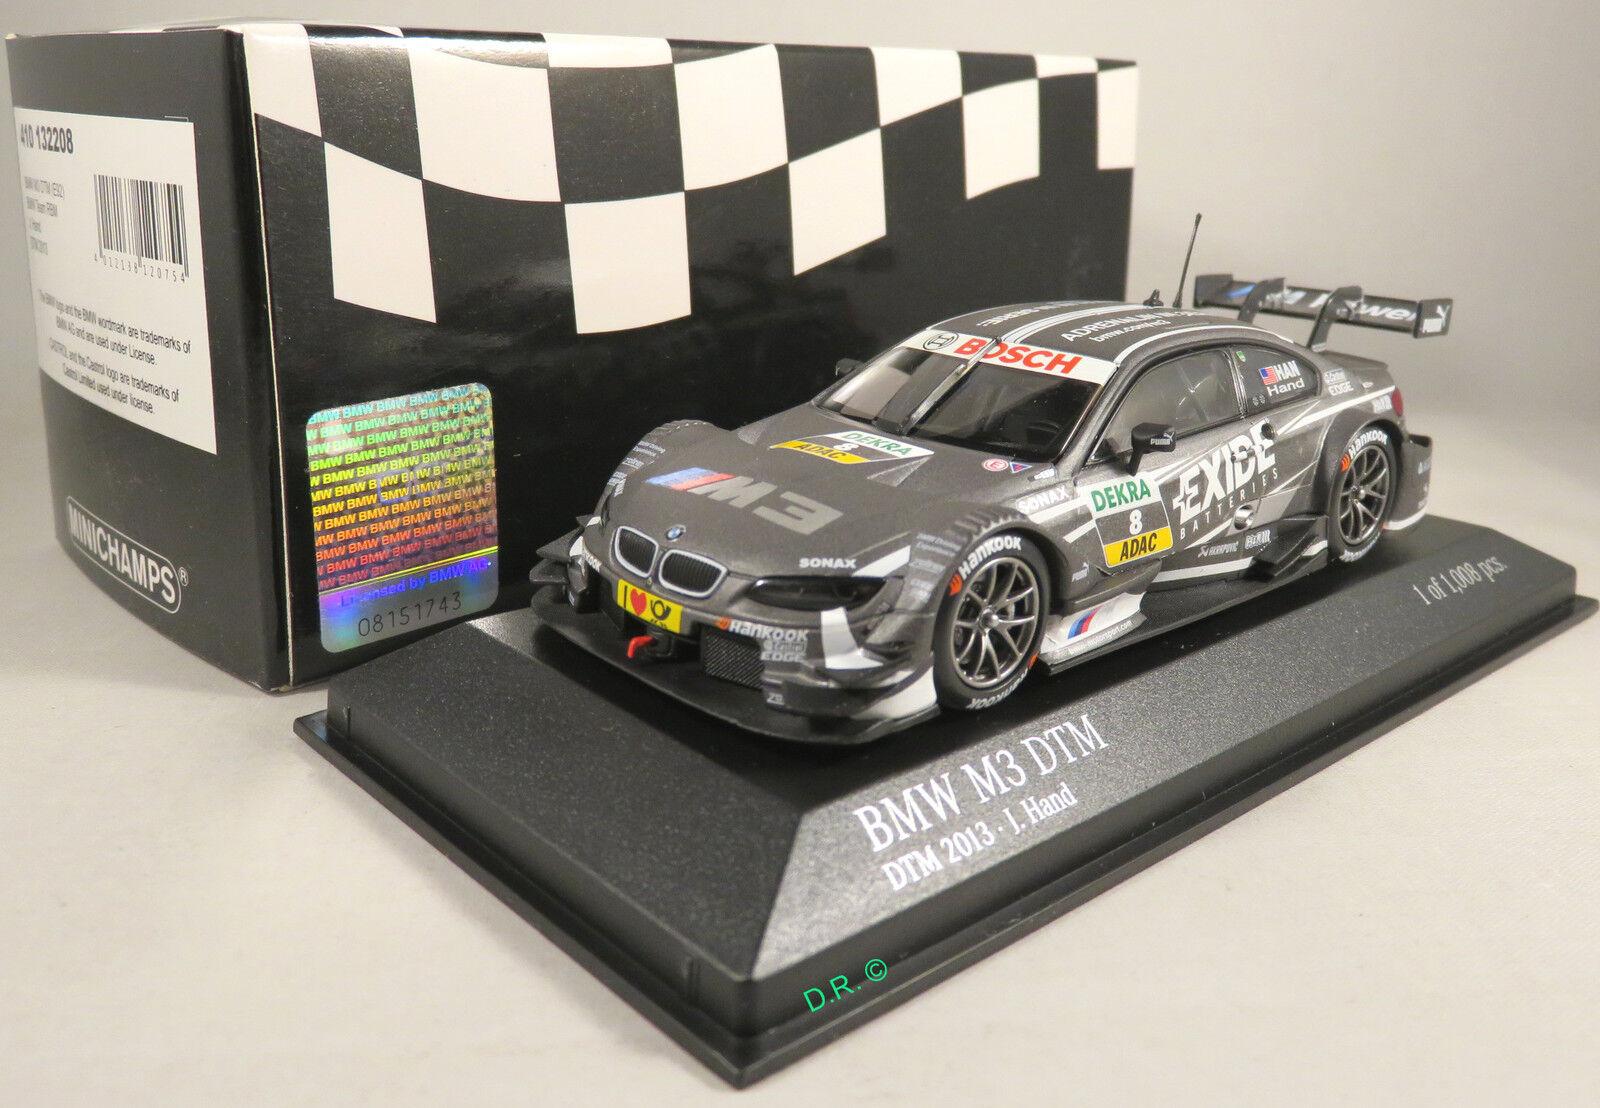 BMW M3 DTM  8 Joey HAND team RBM Exide Batteries DTM 2013 MINICHAMPS 1 43